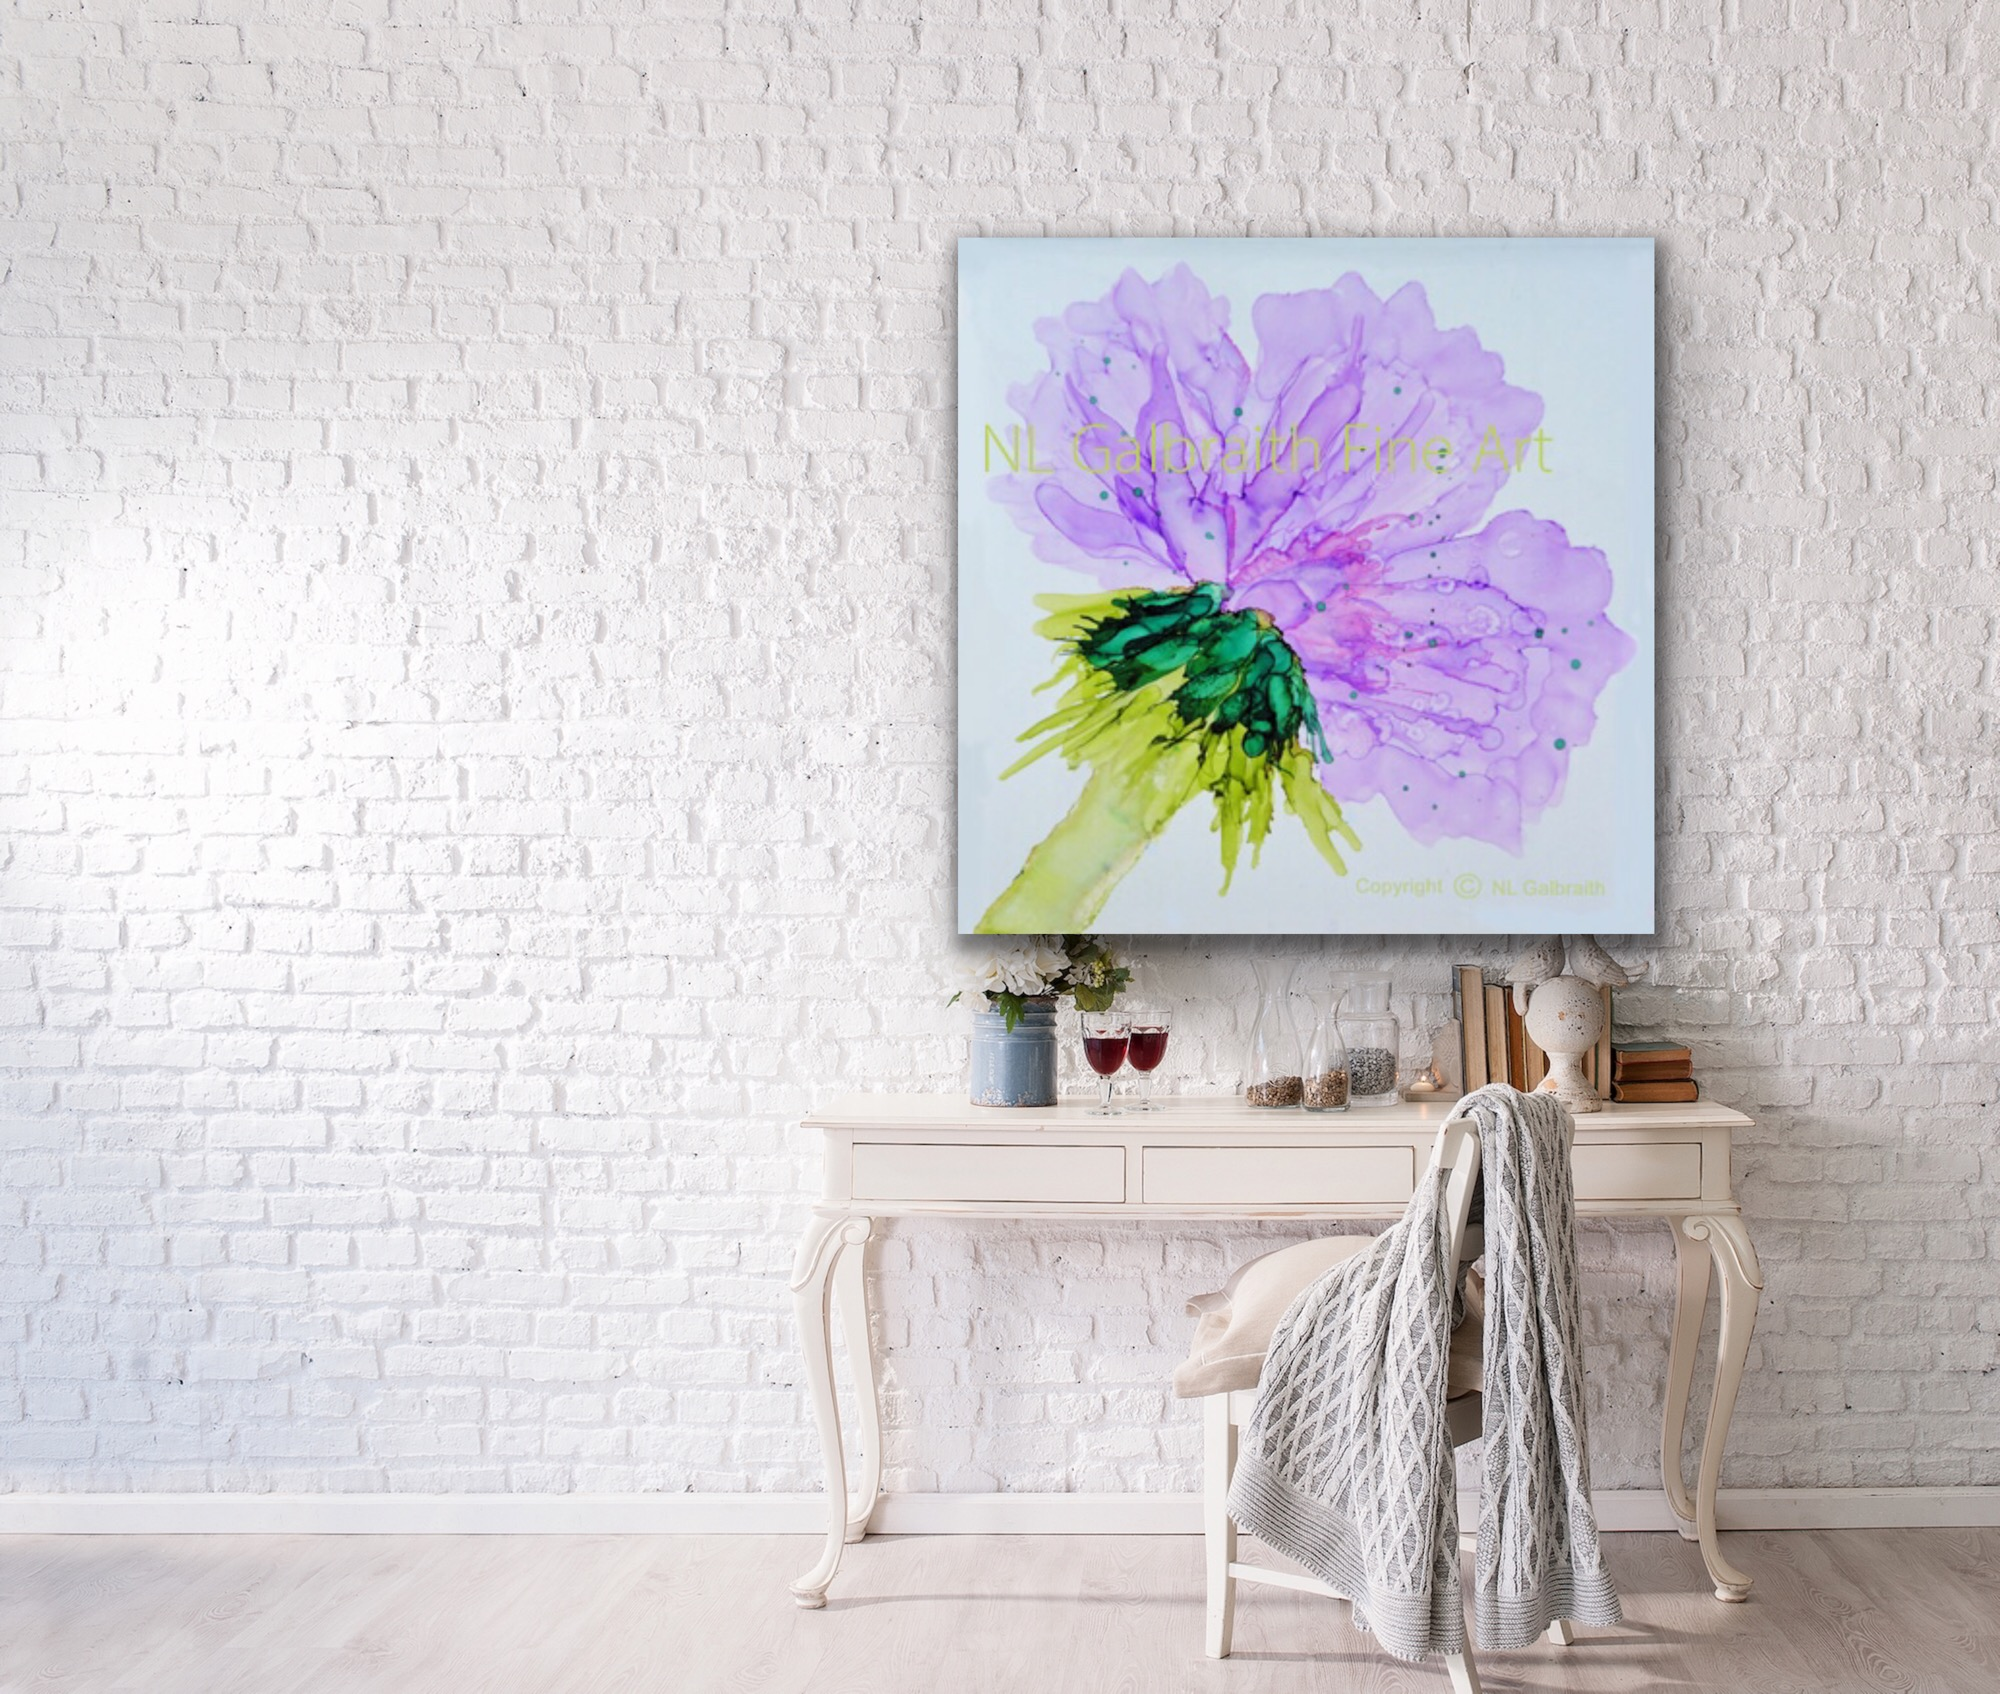 Med. Violet Flower on White Brick Wall